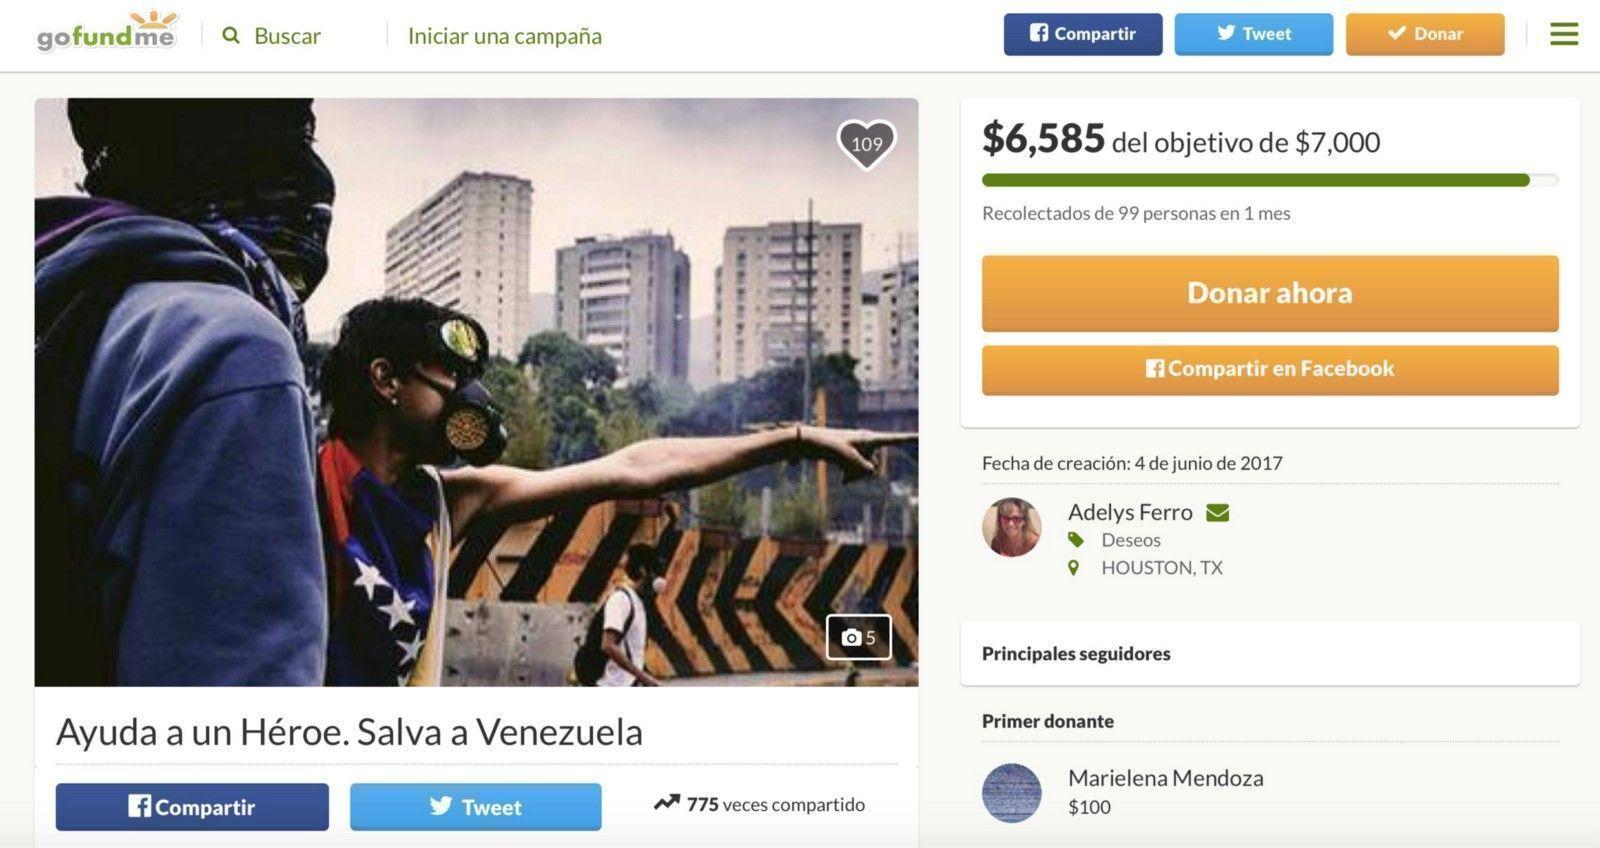 violencia-en-venezuela-como-negocio-en-internet-06